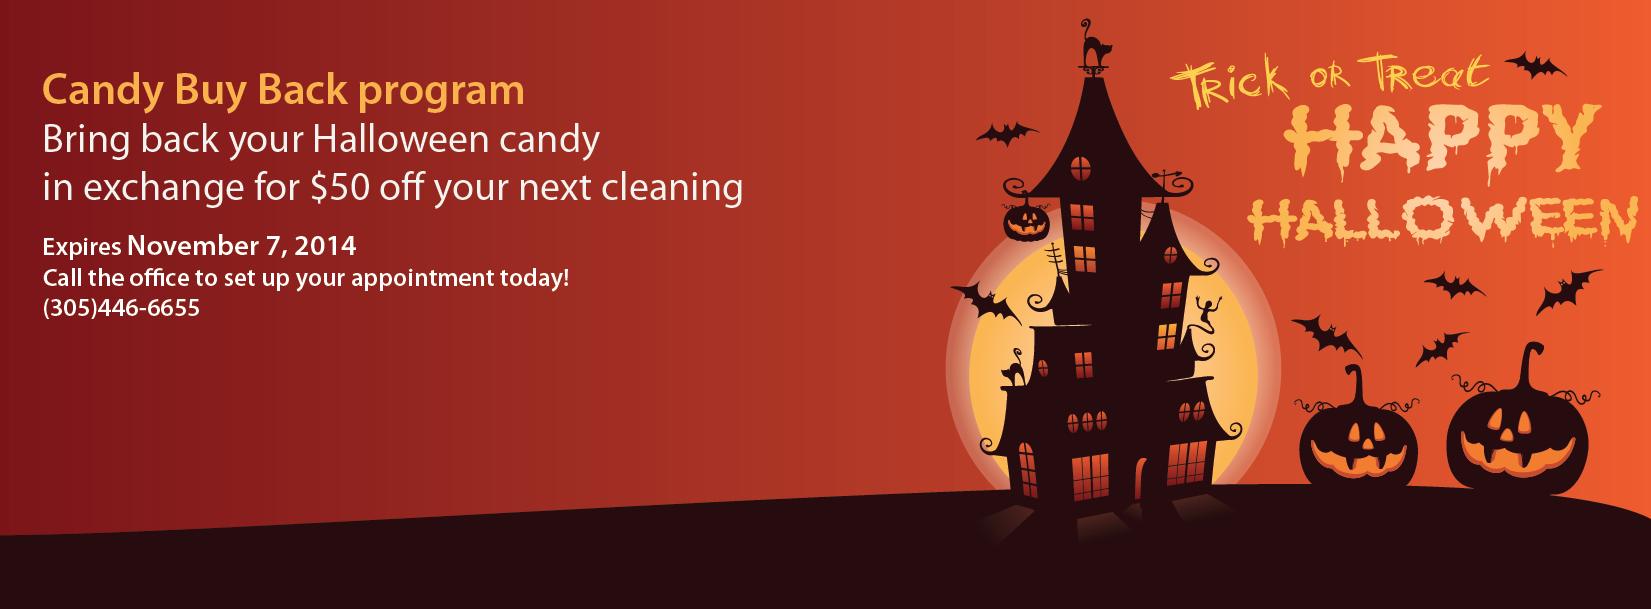 BuyBack Halloween